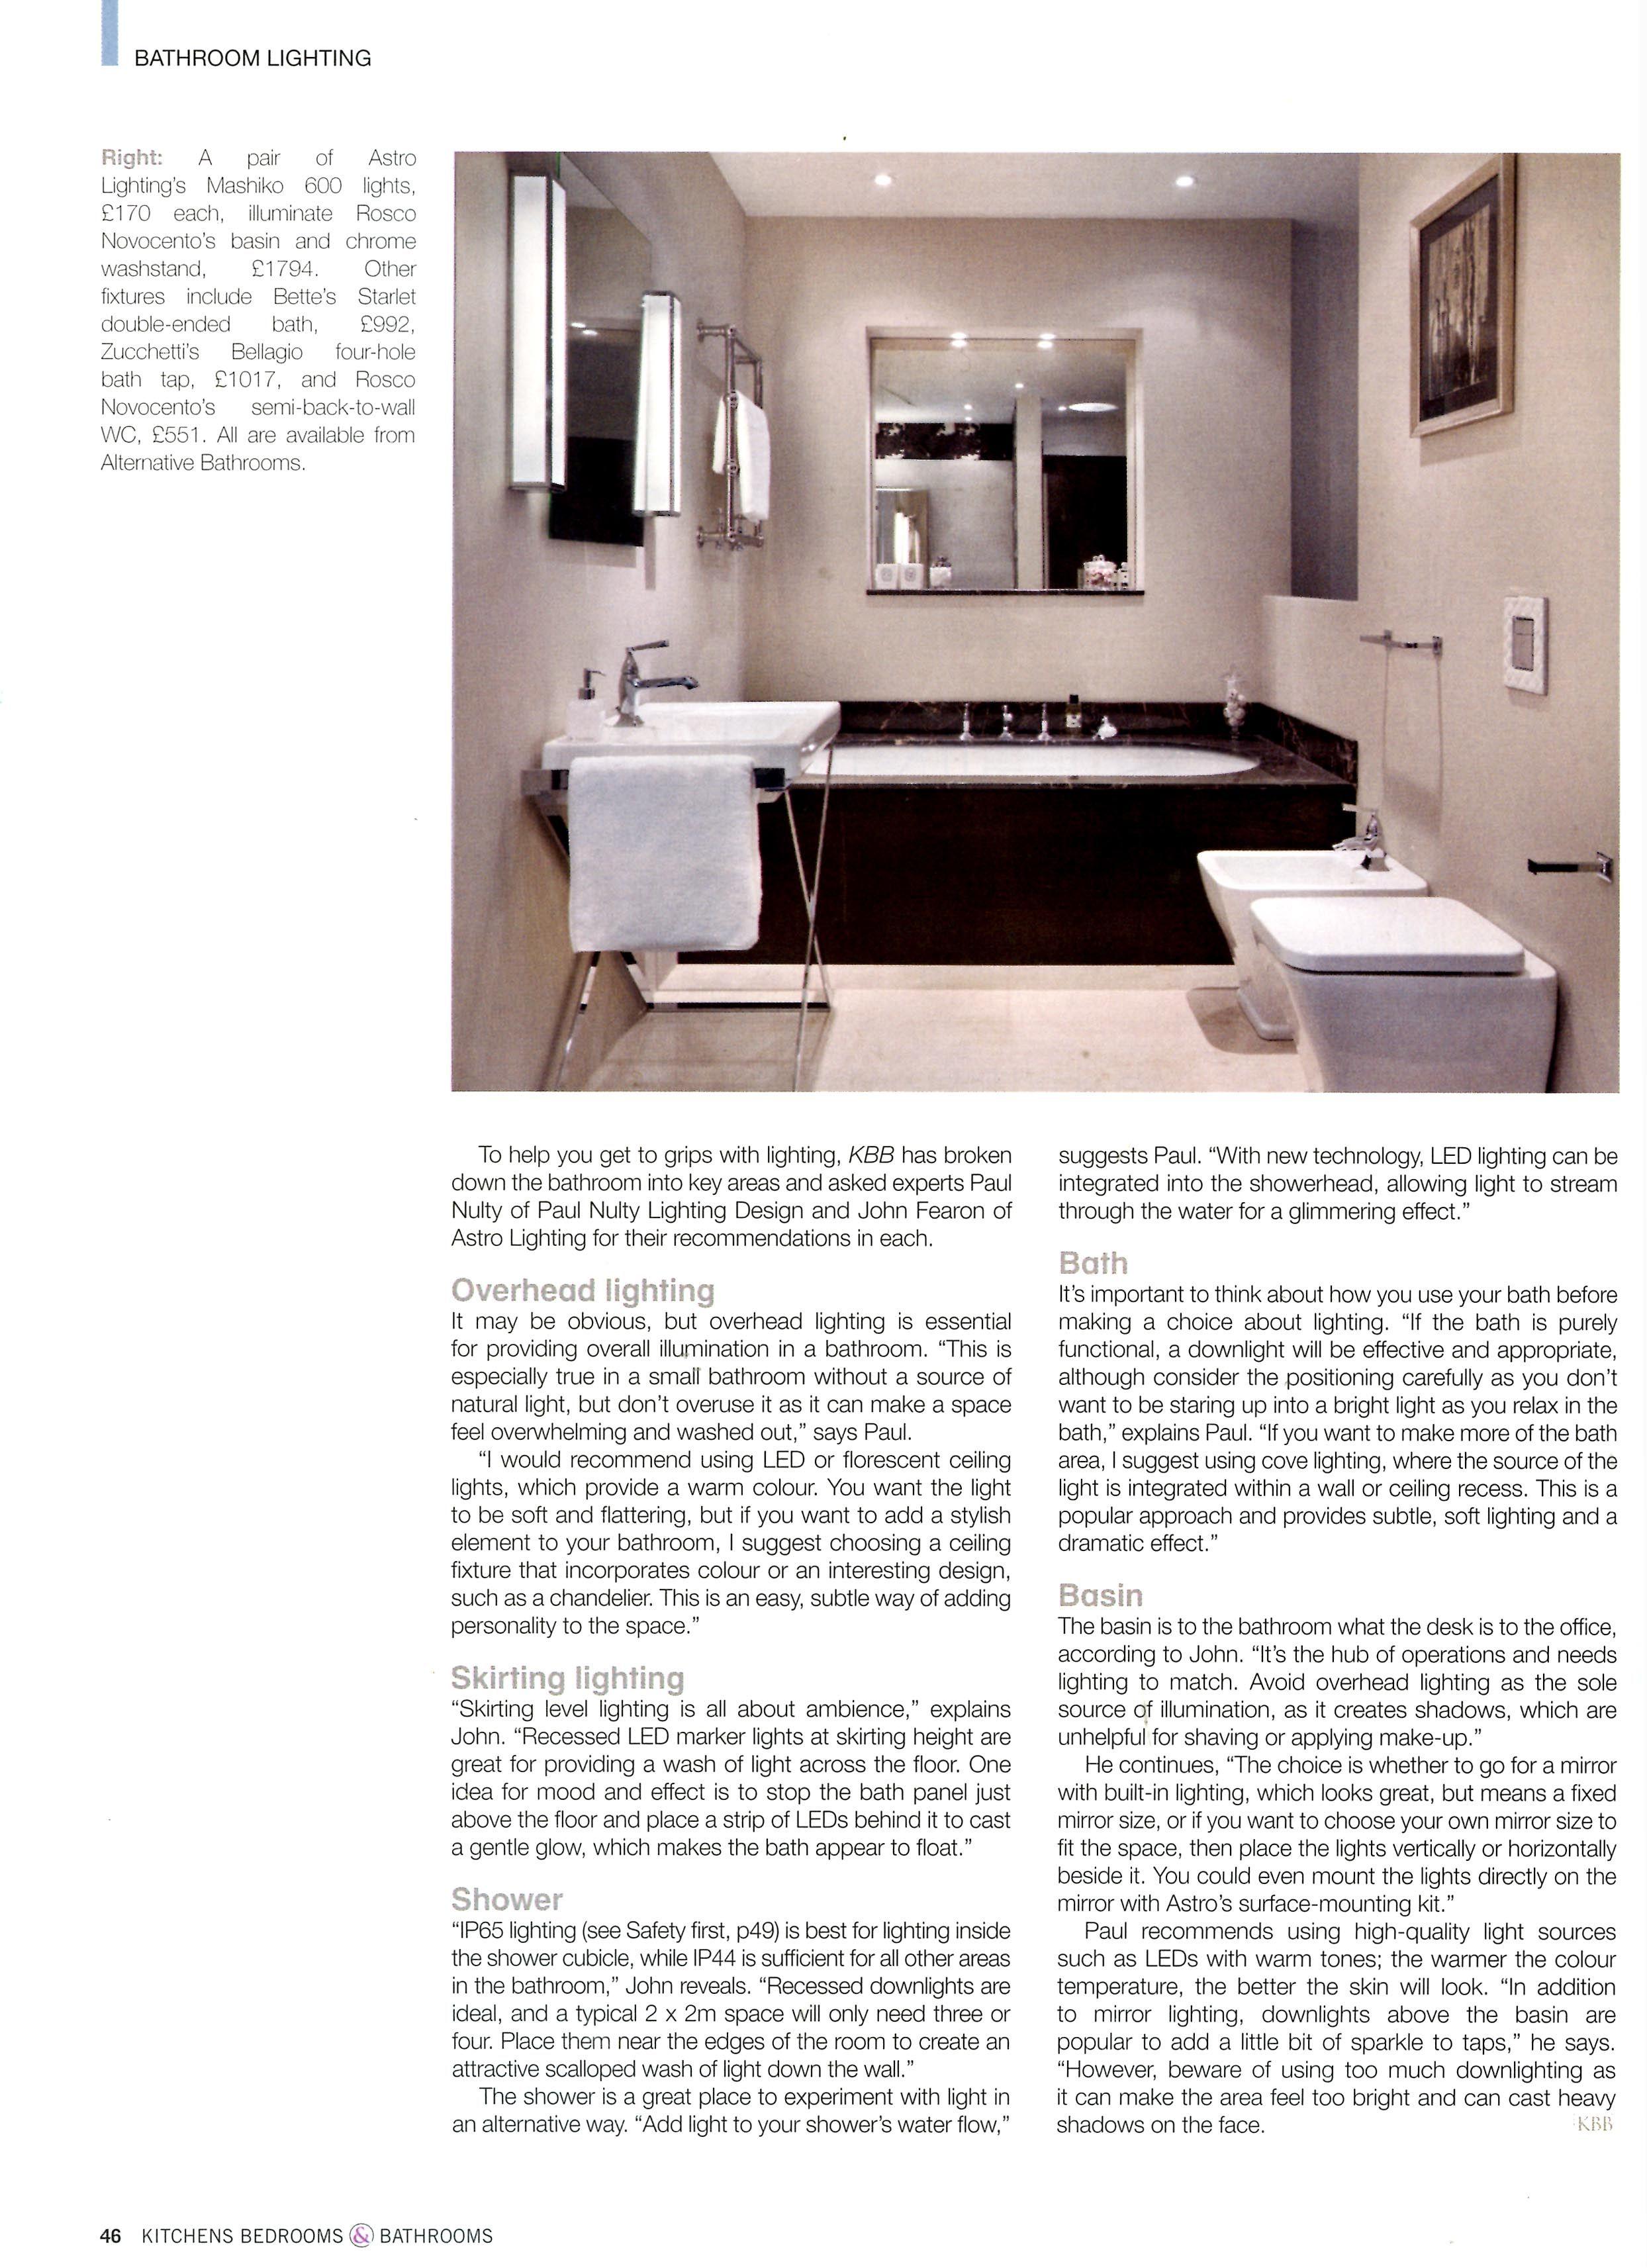 bathroom lighting advice. Bathroom Lighting Advice, Featuring A Pair Of Astro Lighting\u0027s Mashiko 600 Lights, Rosco Novocento\u0027s Advice E